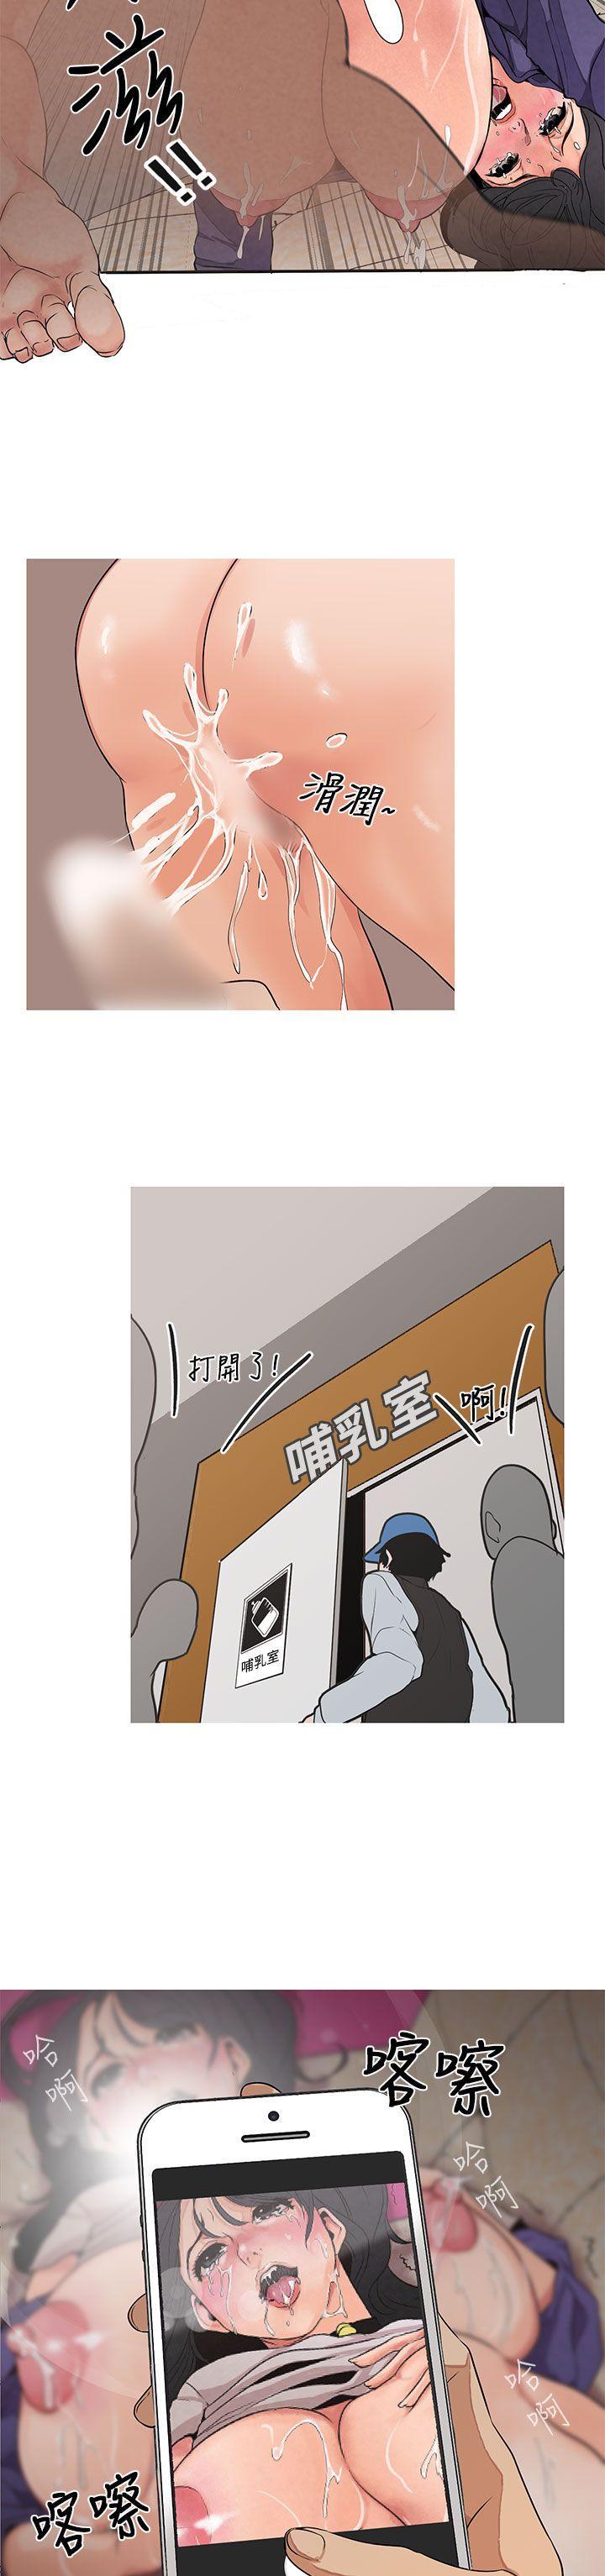 女神狩猎 第1~3話 [Chinese]中文 Harc 49